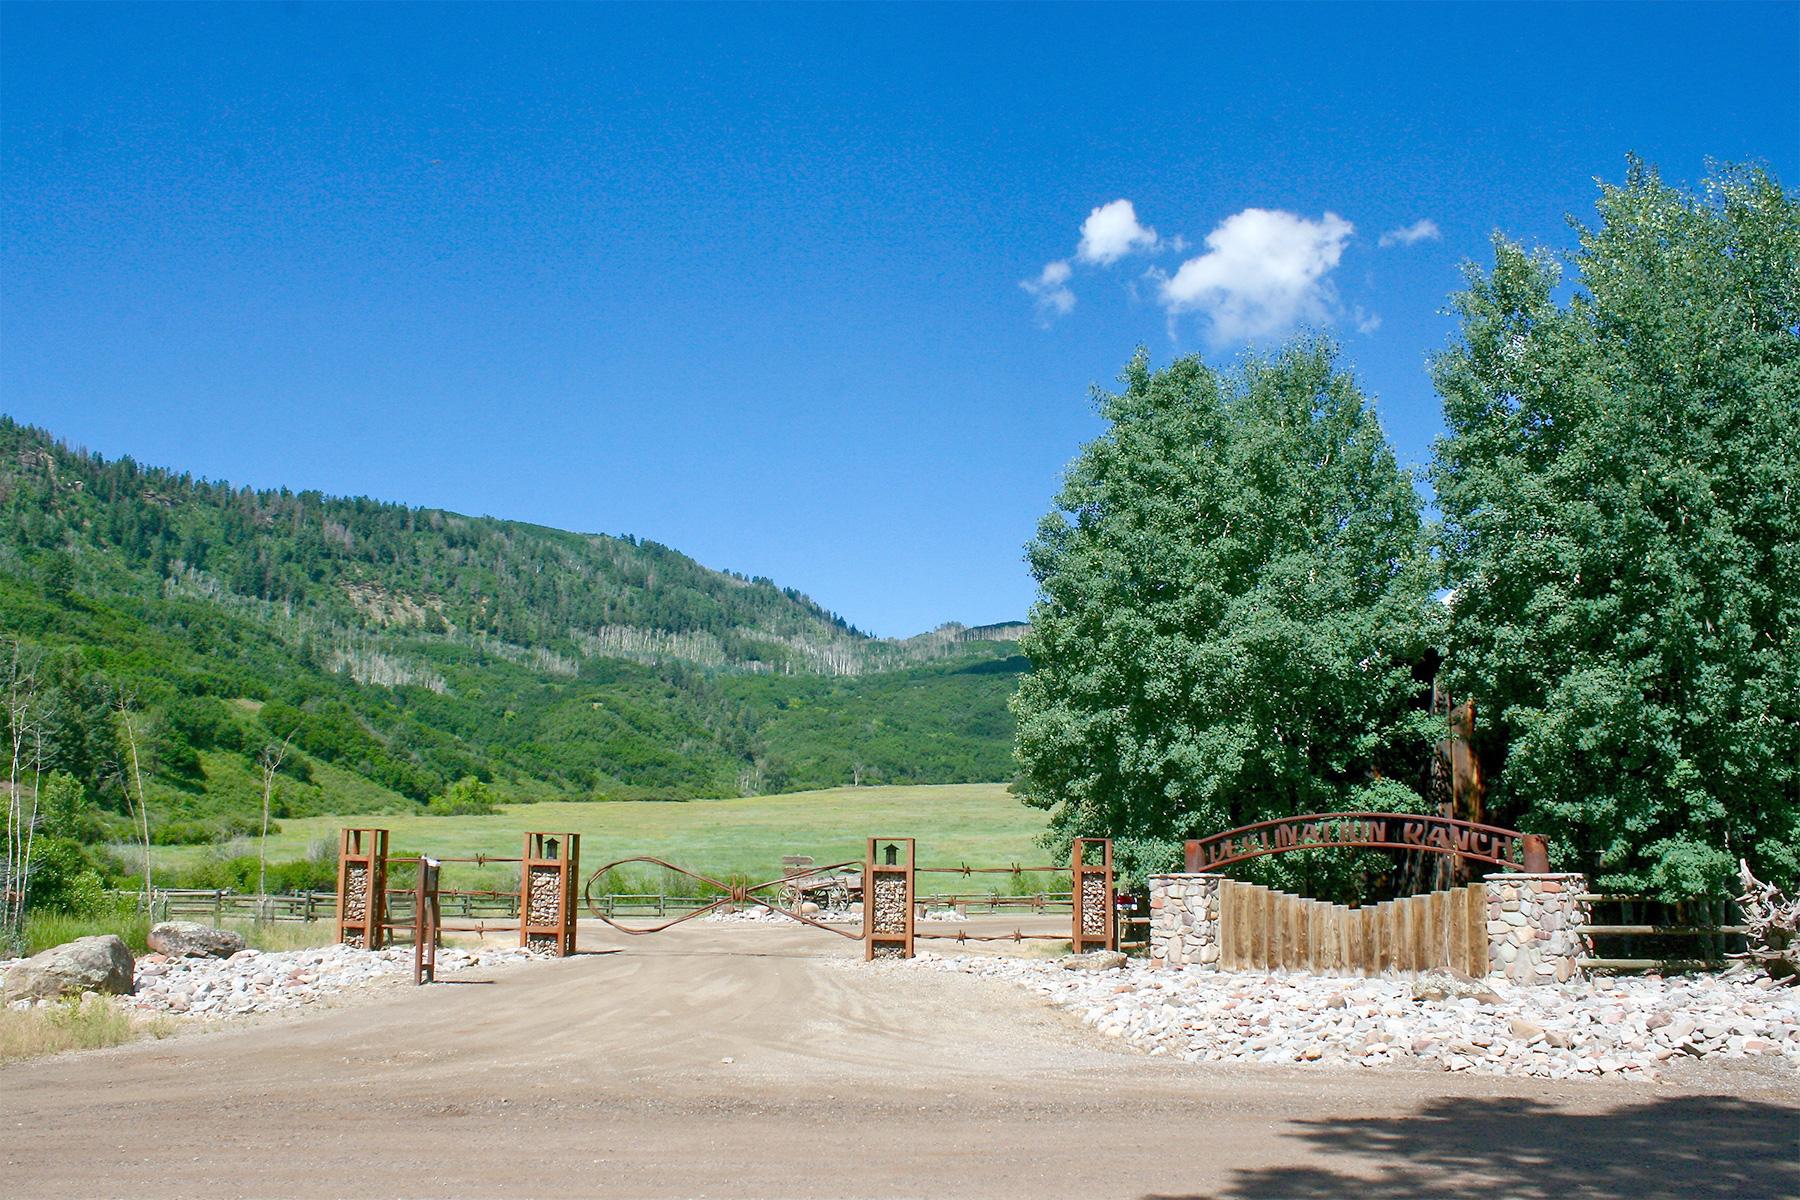 Terreno por un Venta en City Slickers Ranch 4385 CR 207 Durango, Colorado, 81301 Estados Unidos